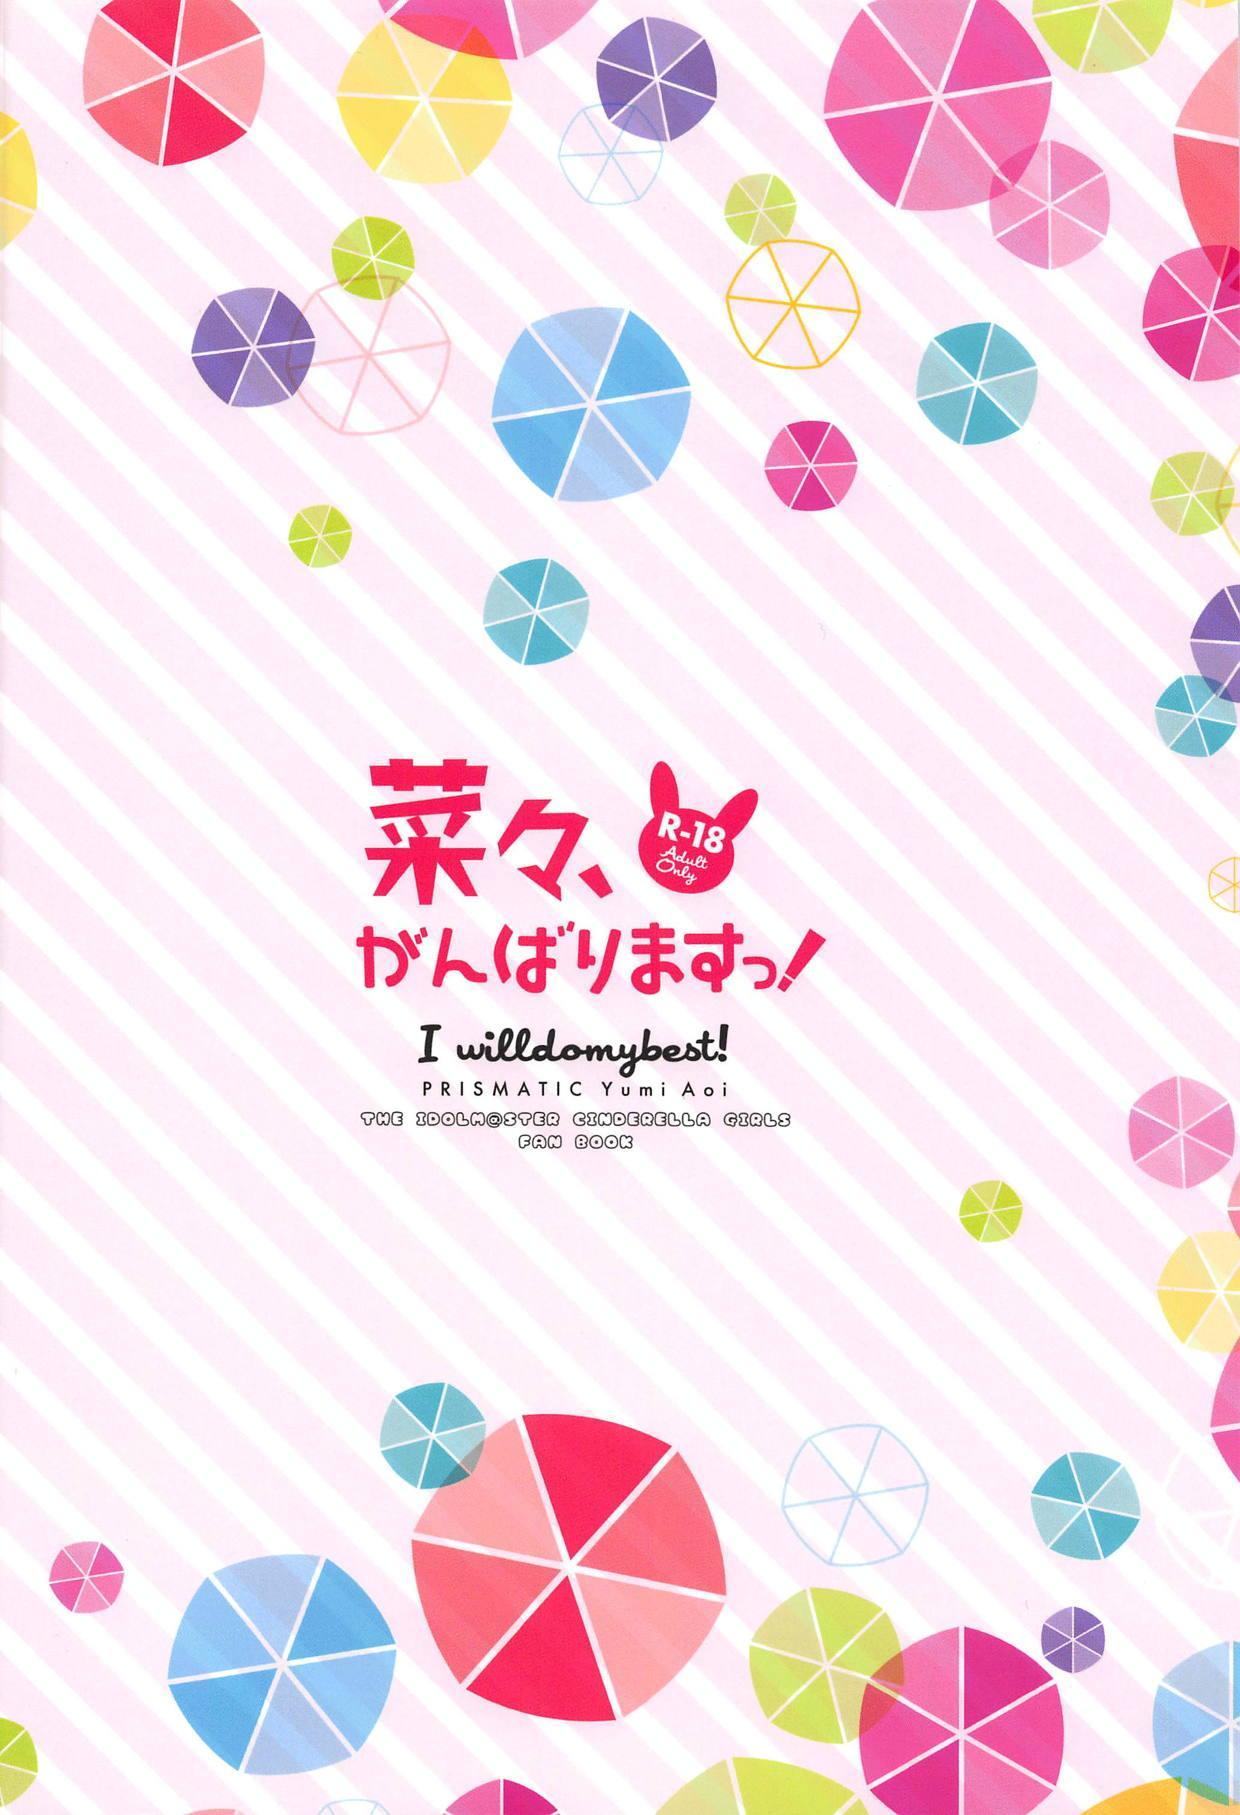 Nana, Ganbarimasu! - I will do my best! 25